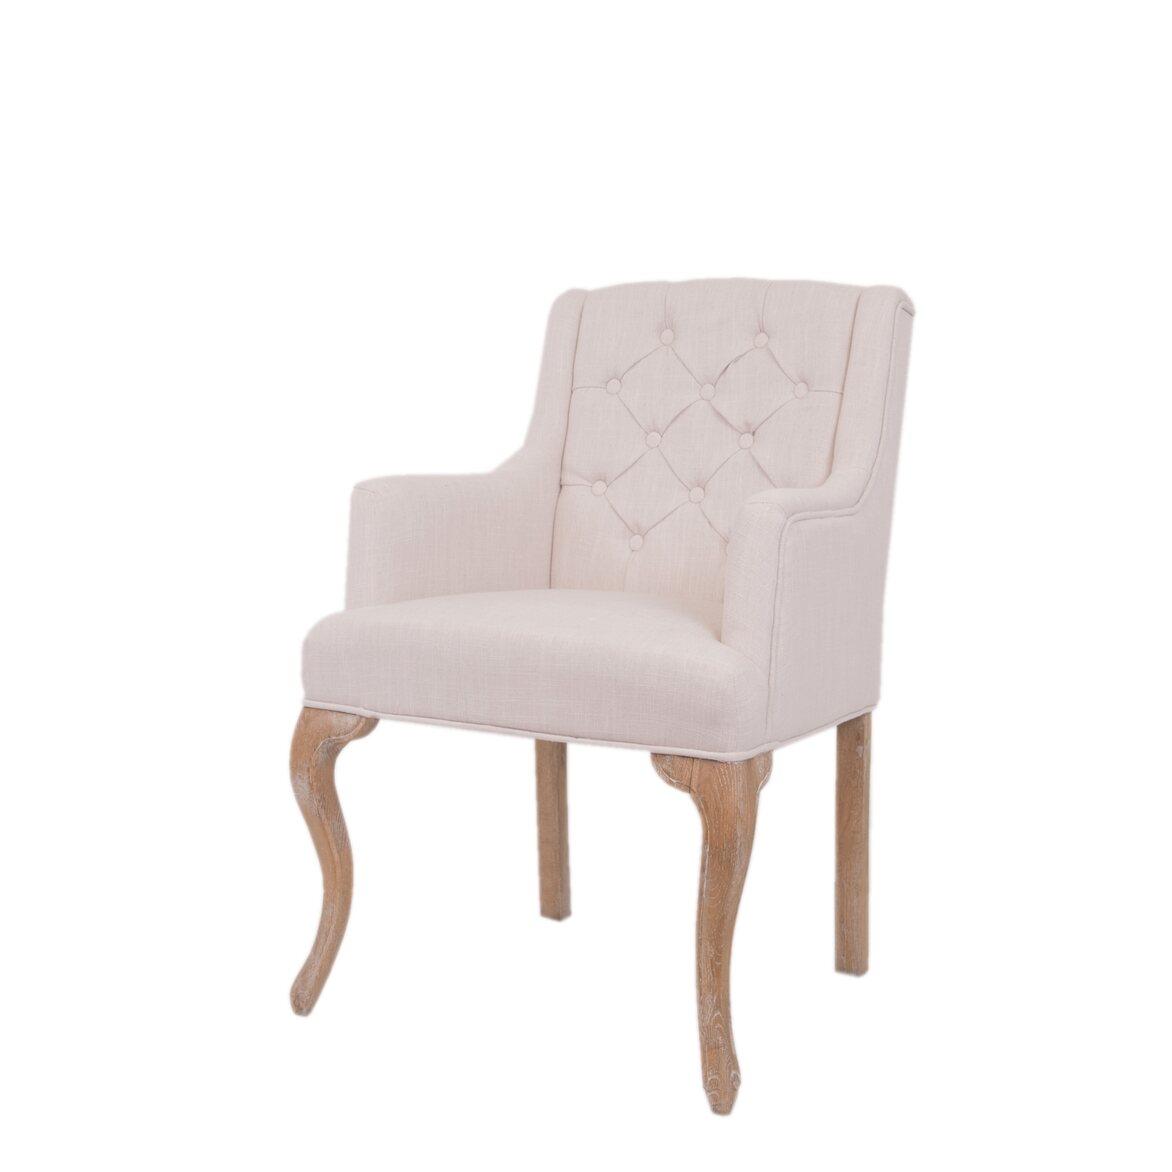 Кресло Deron 4 | Кресло-стул Kingsby